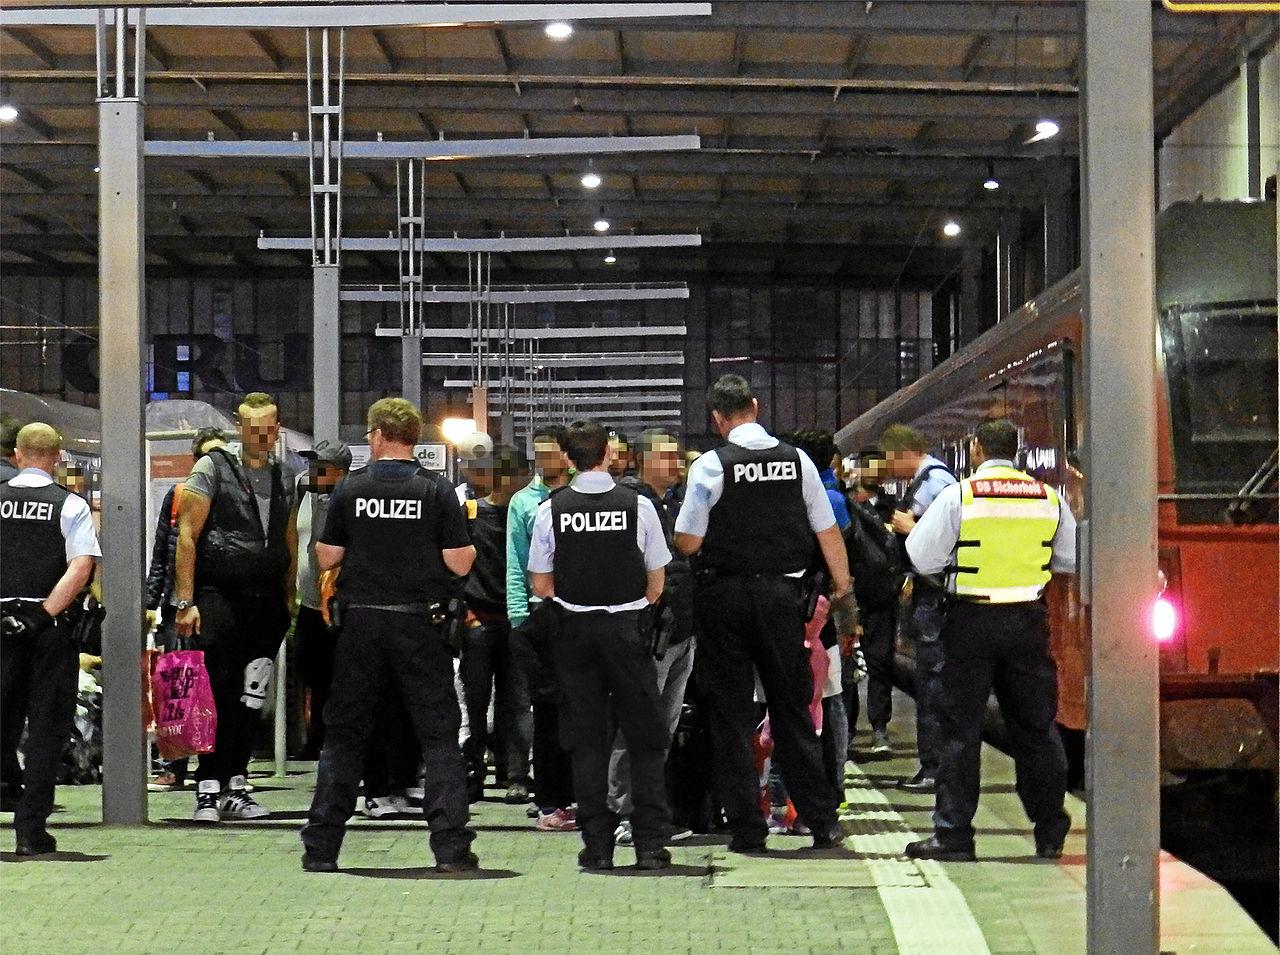 Polizei fängt Flüchtlinge ab.jpg